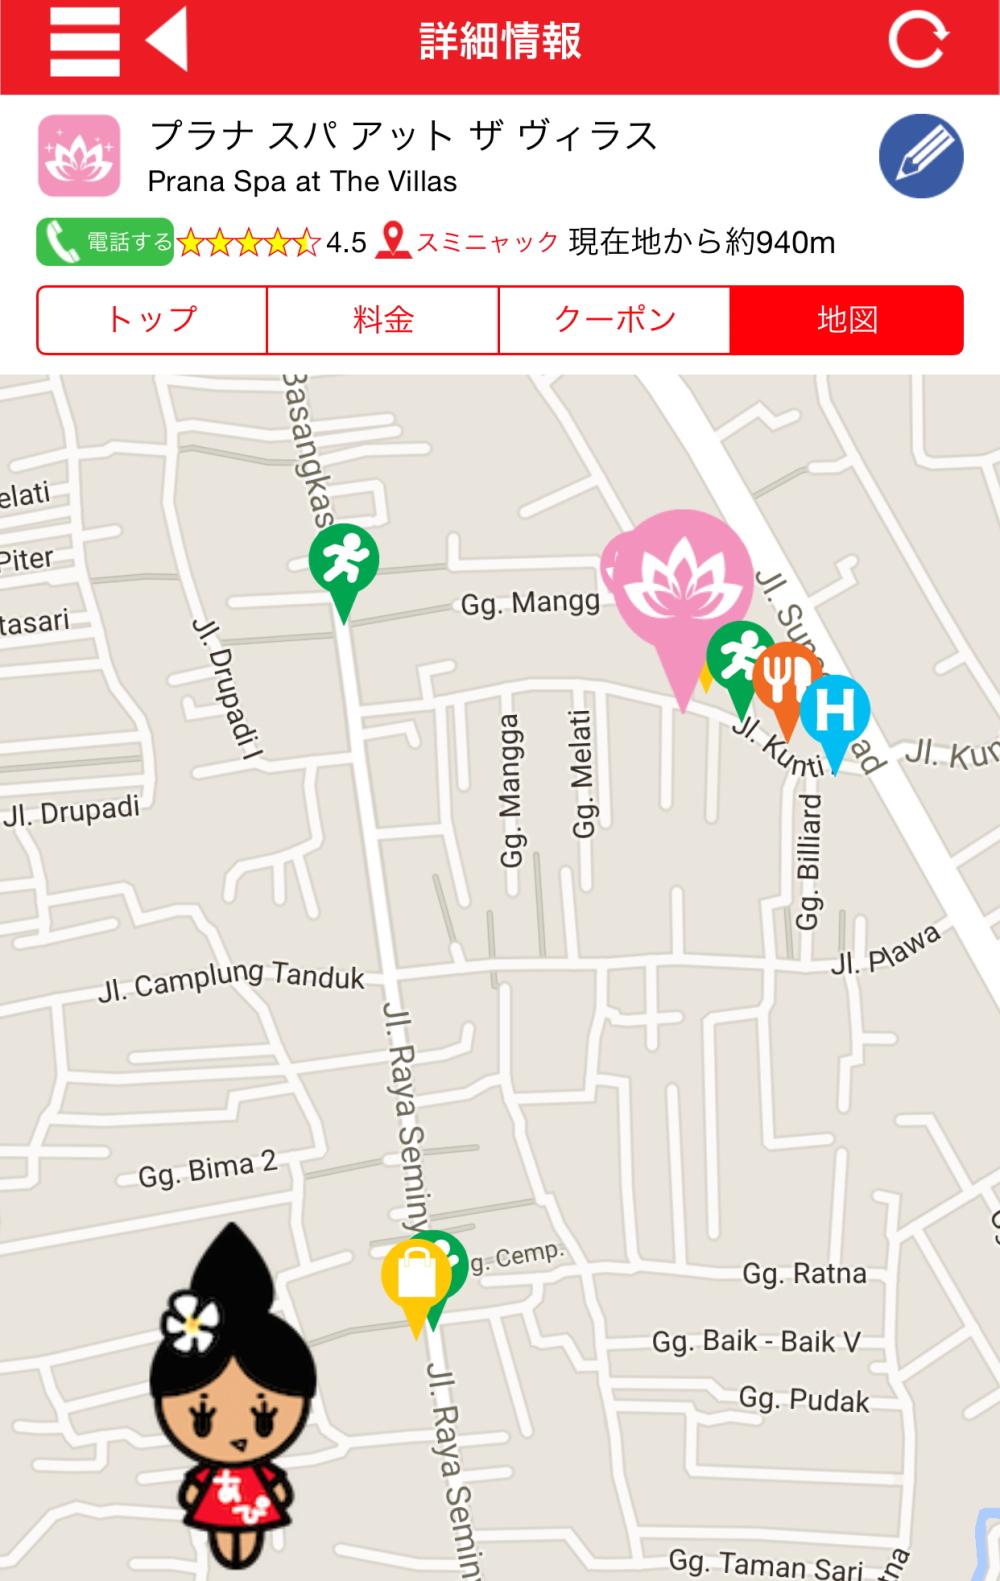 バリ旅行 おすすめアプリ アピマガジン